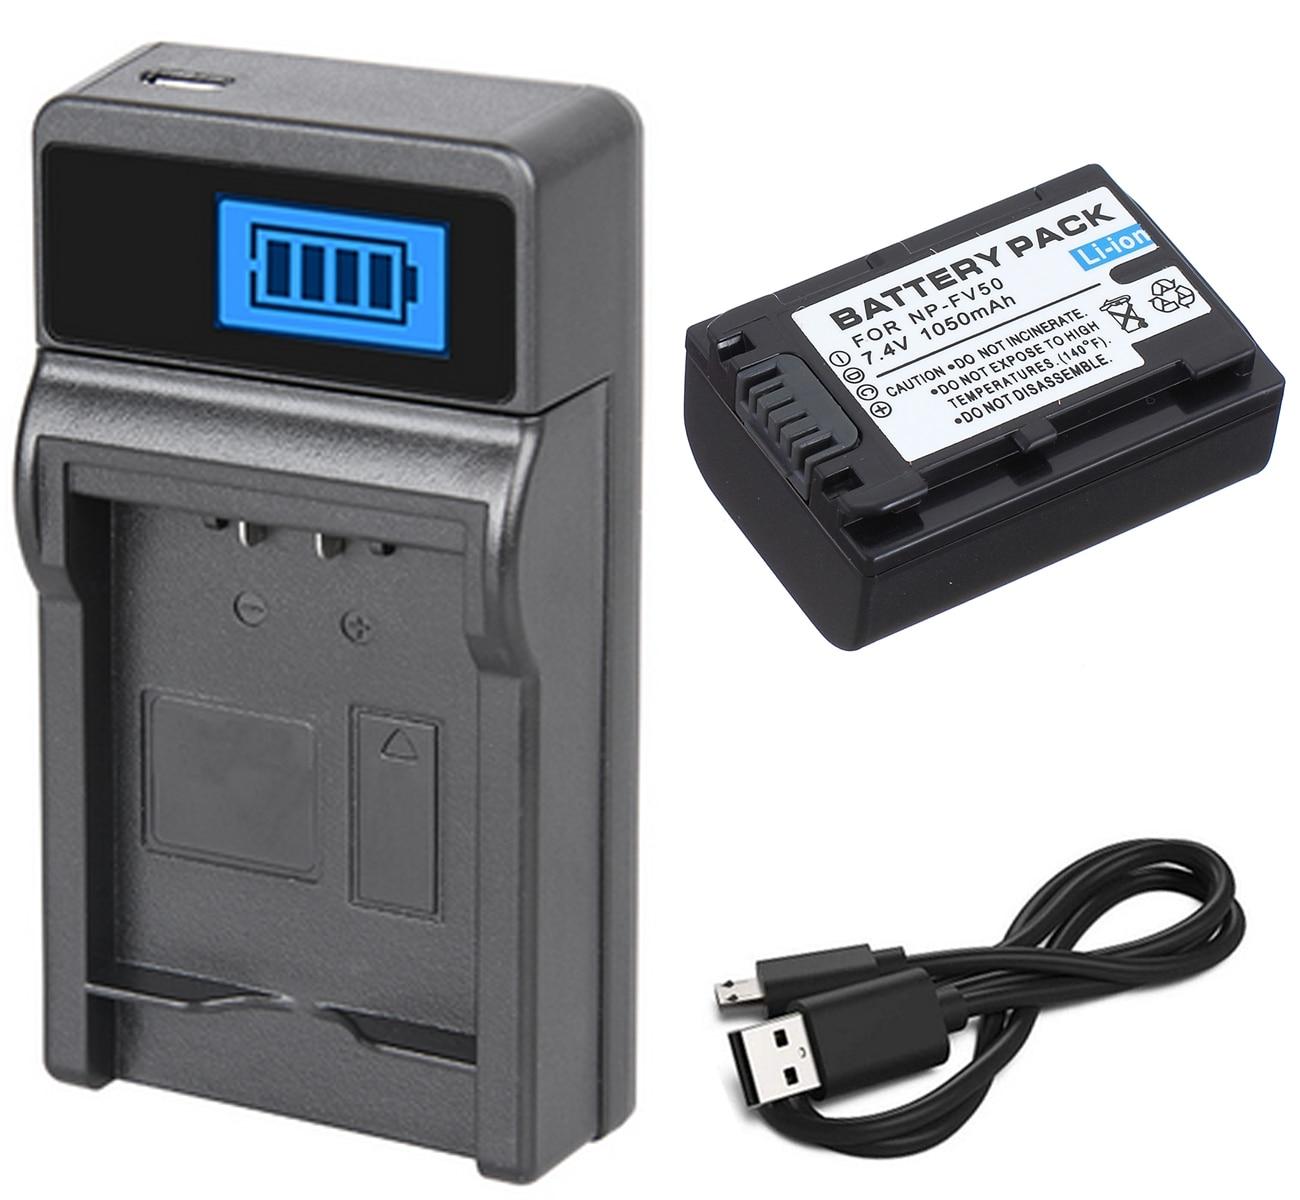 USB Cargador De Batería Cable de adaptador de alimentación para Sony Handycam HDR-CX330 V HDR-PJ330